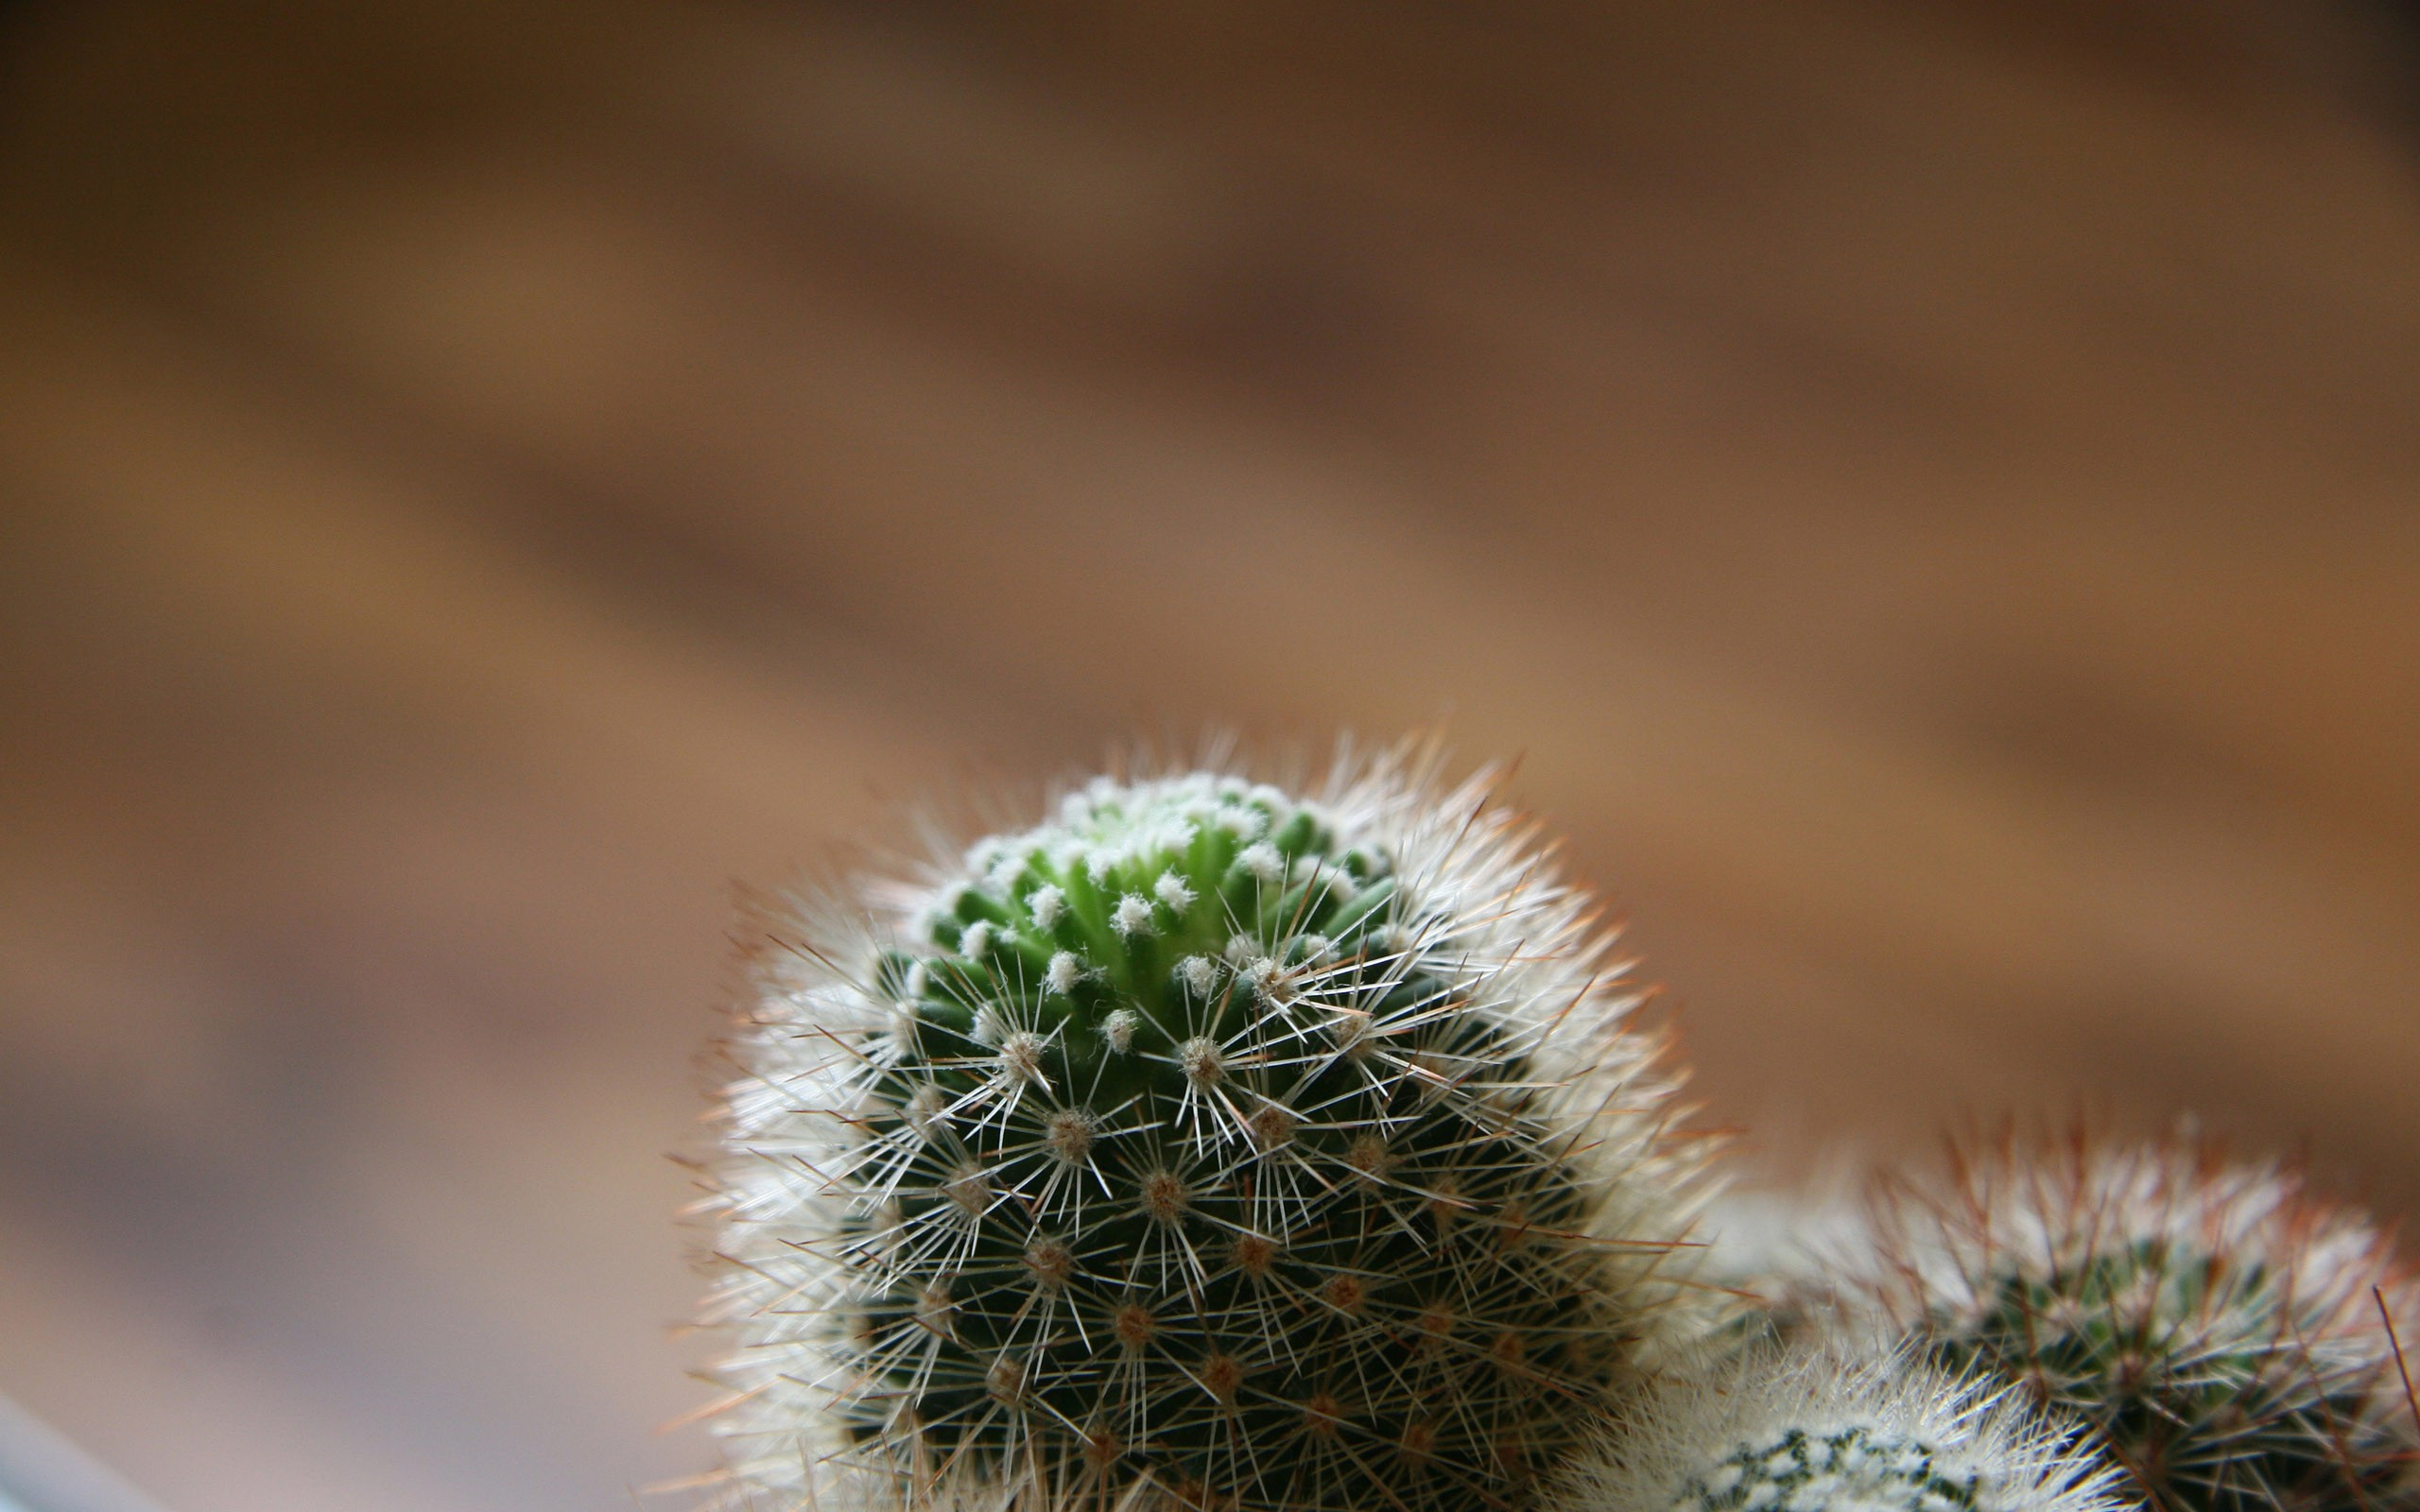 Desert Cactus HD desktop wallpaper : High Definition : Fullscreen ...